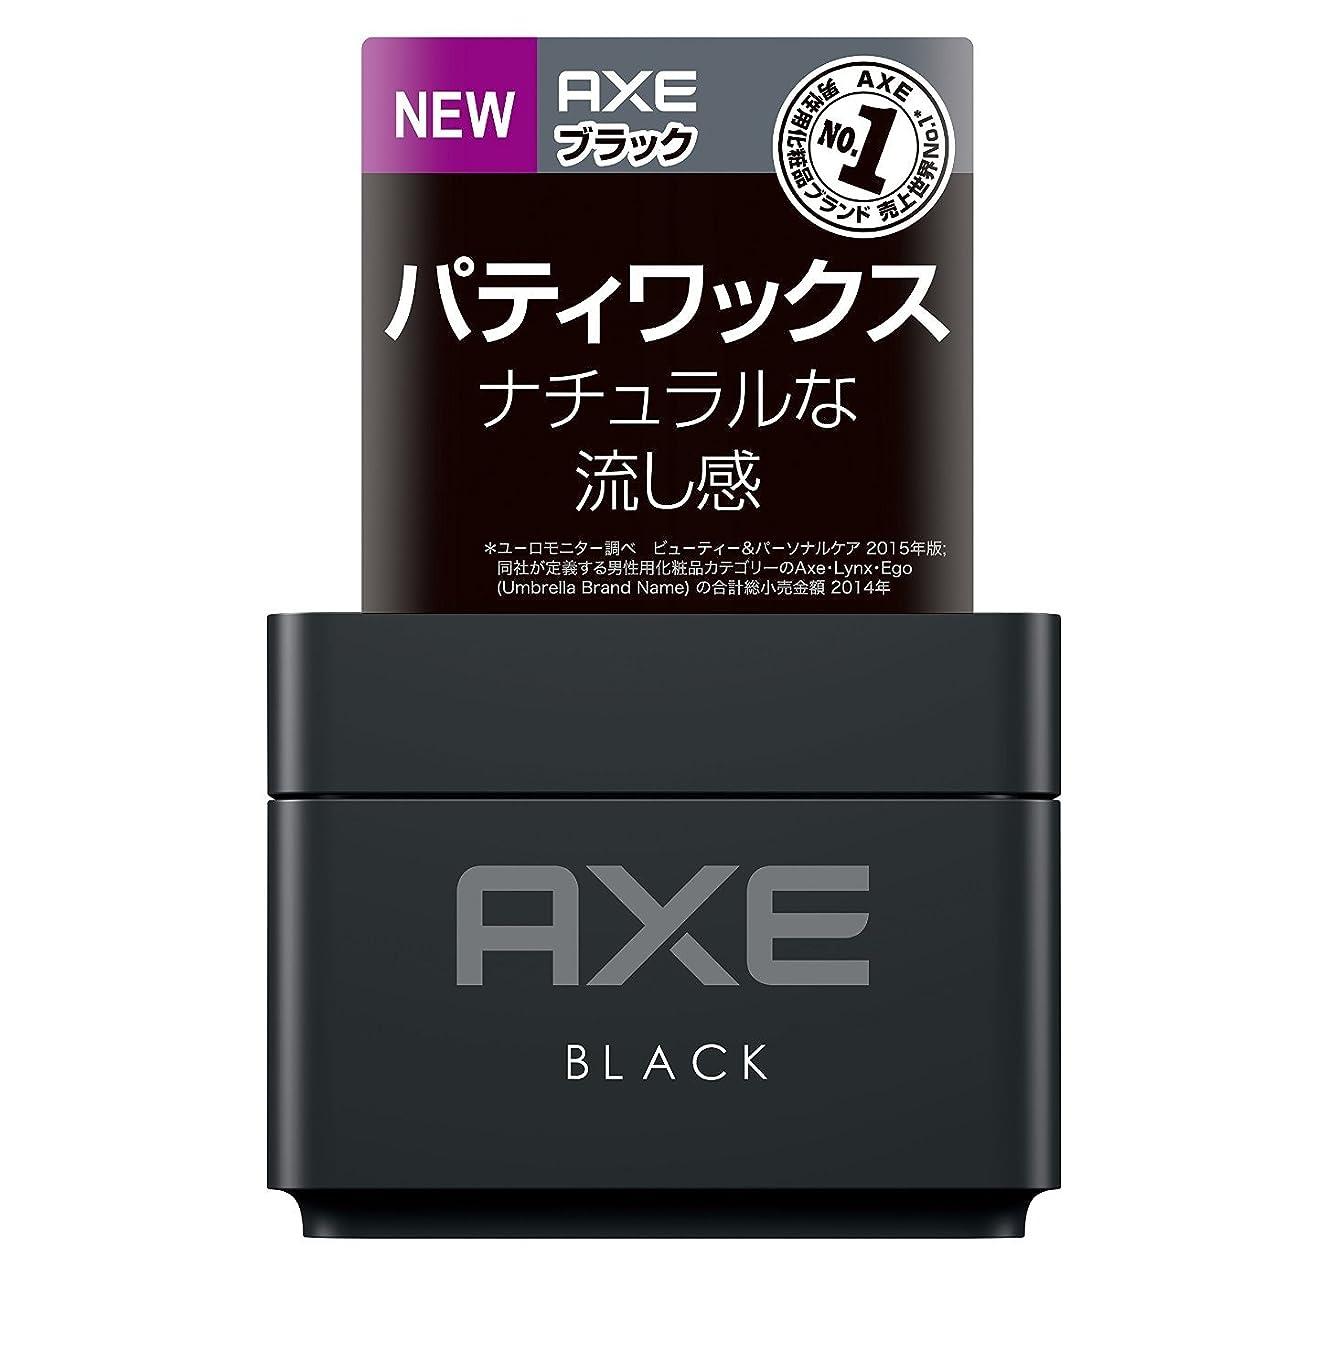 未使用どこか首謀者アックス ブラック カジュアルコントロール パティワックス 65g ×6